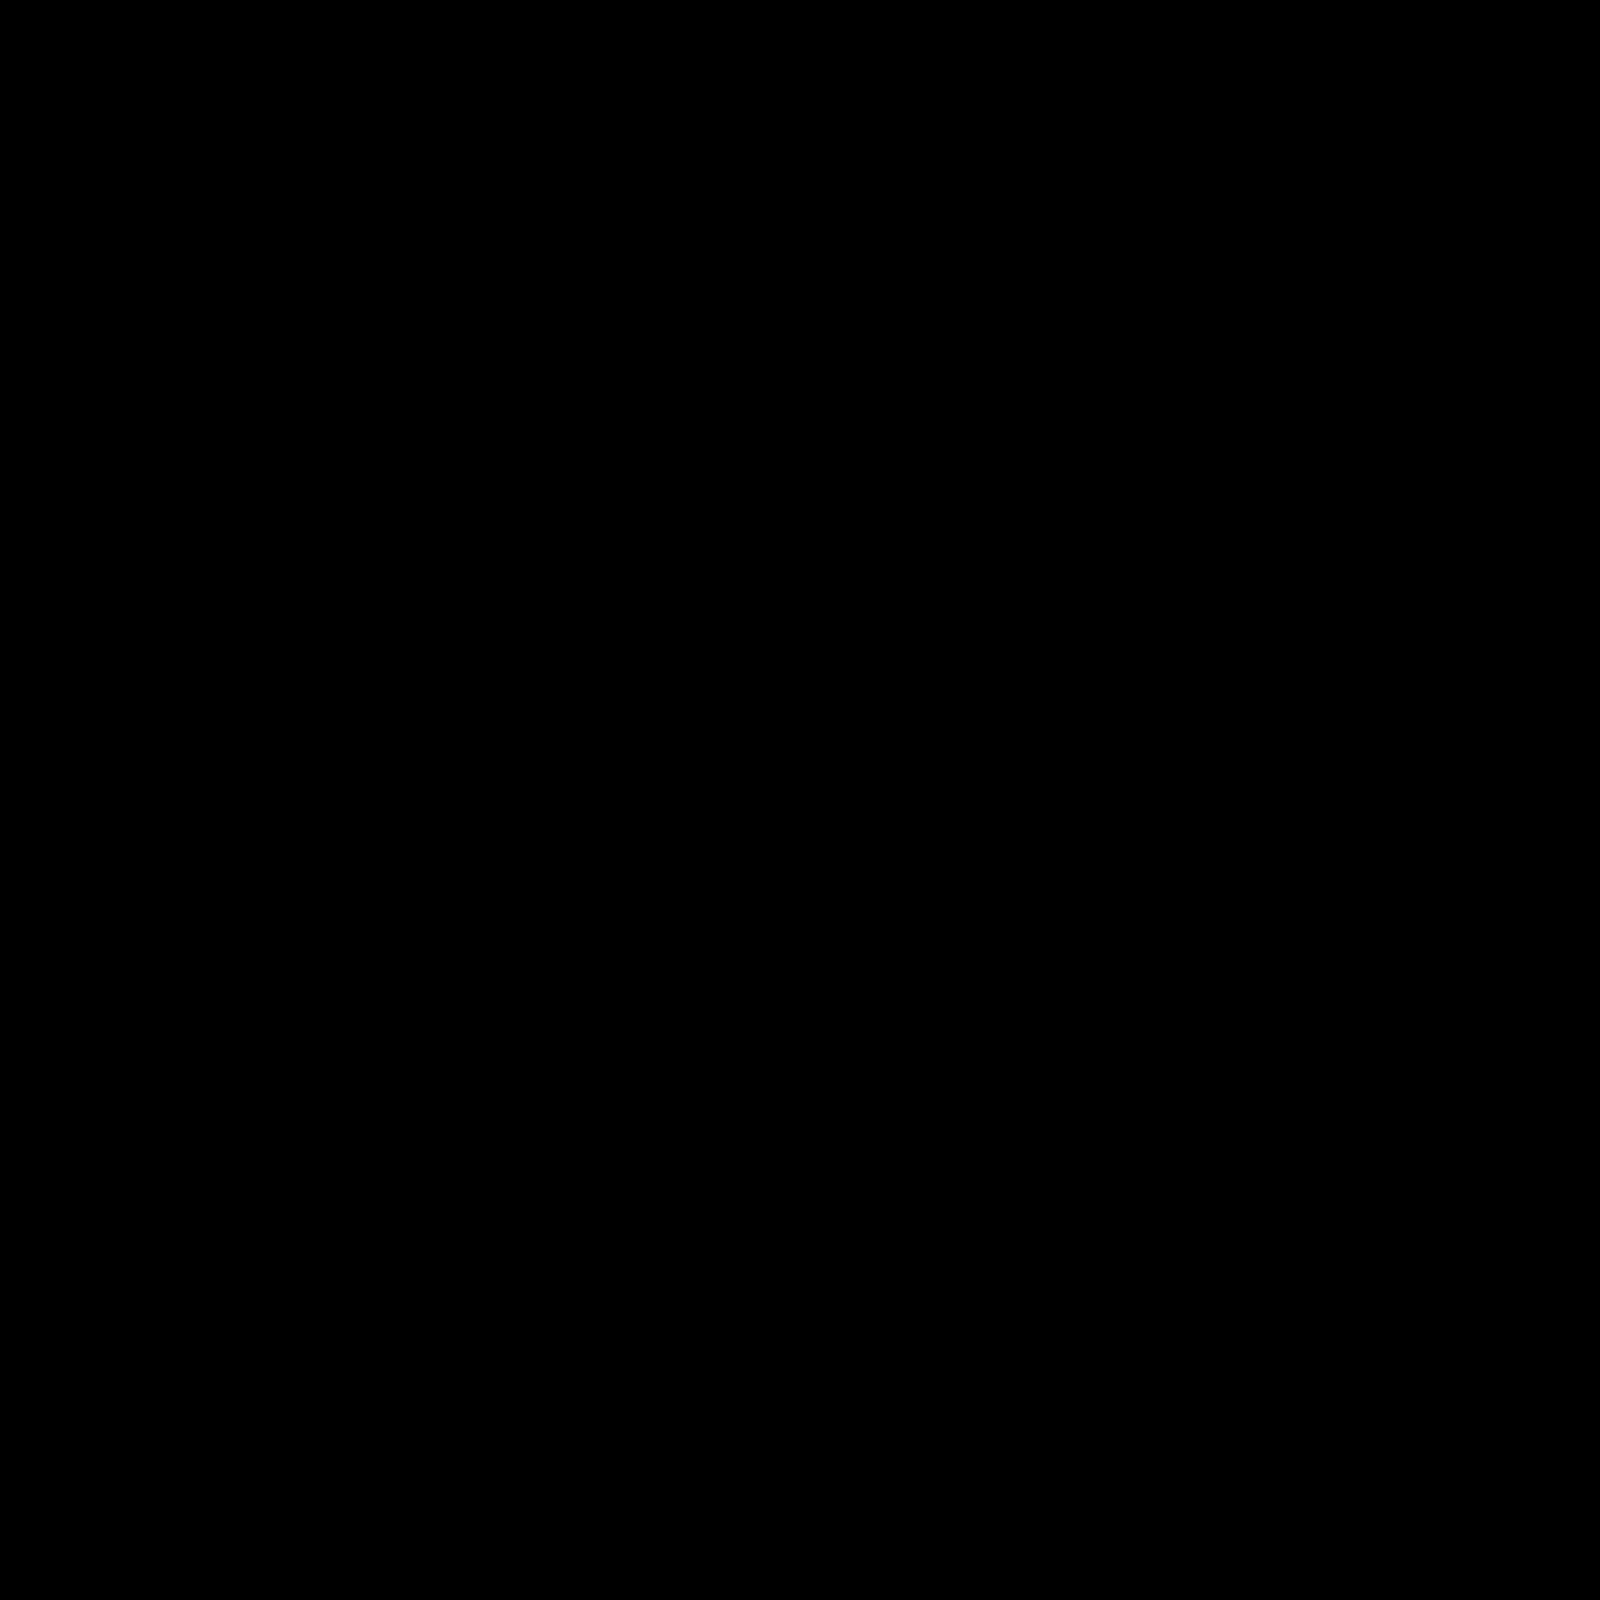 树状结构 icon